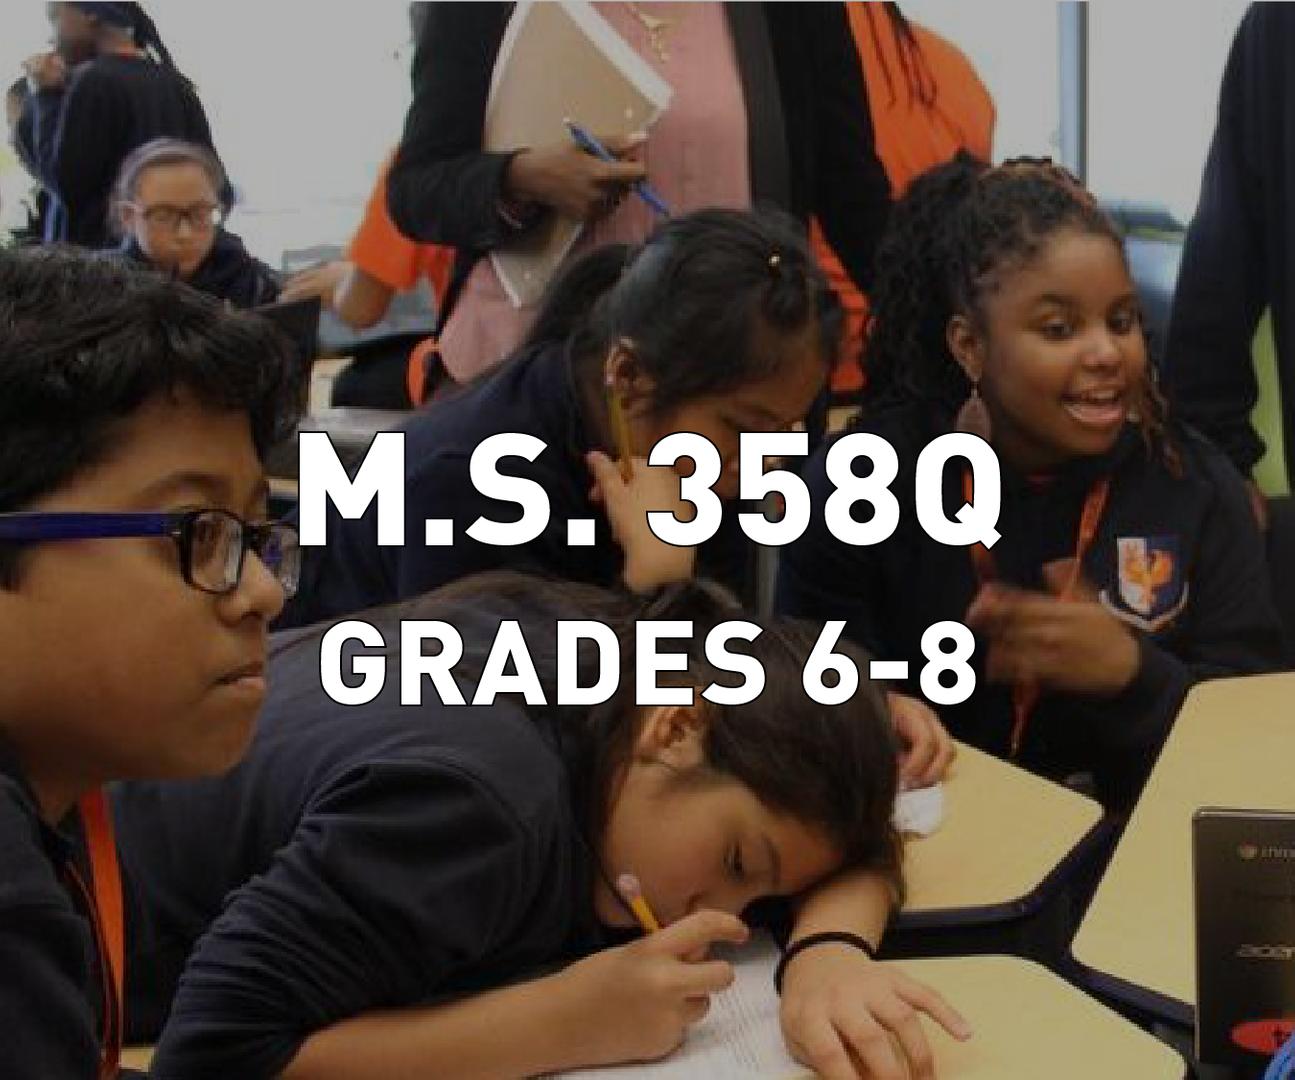 M.S. 358Q Grades 6-8